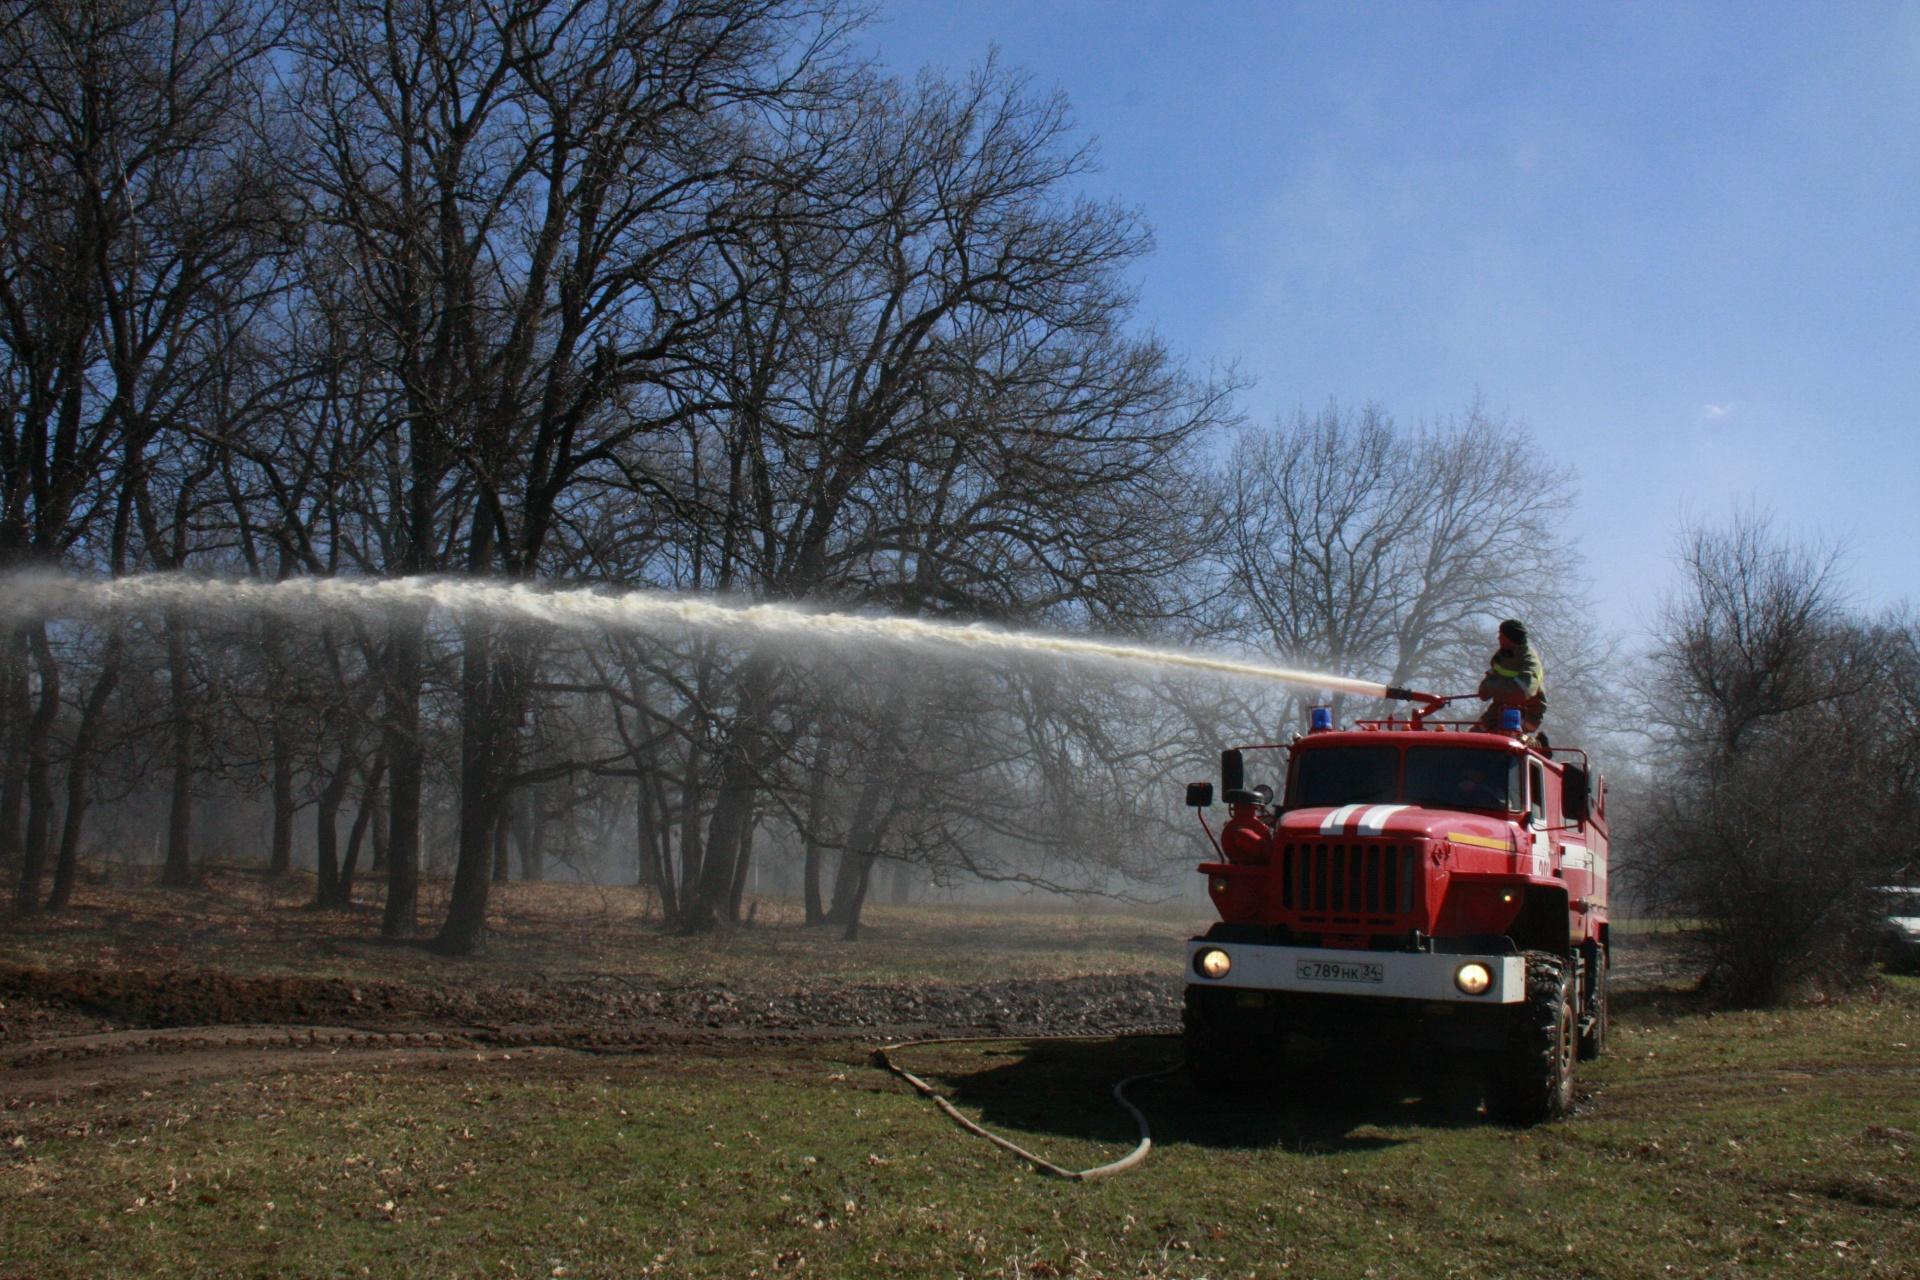 ВВолгограде введен пожароопасный период